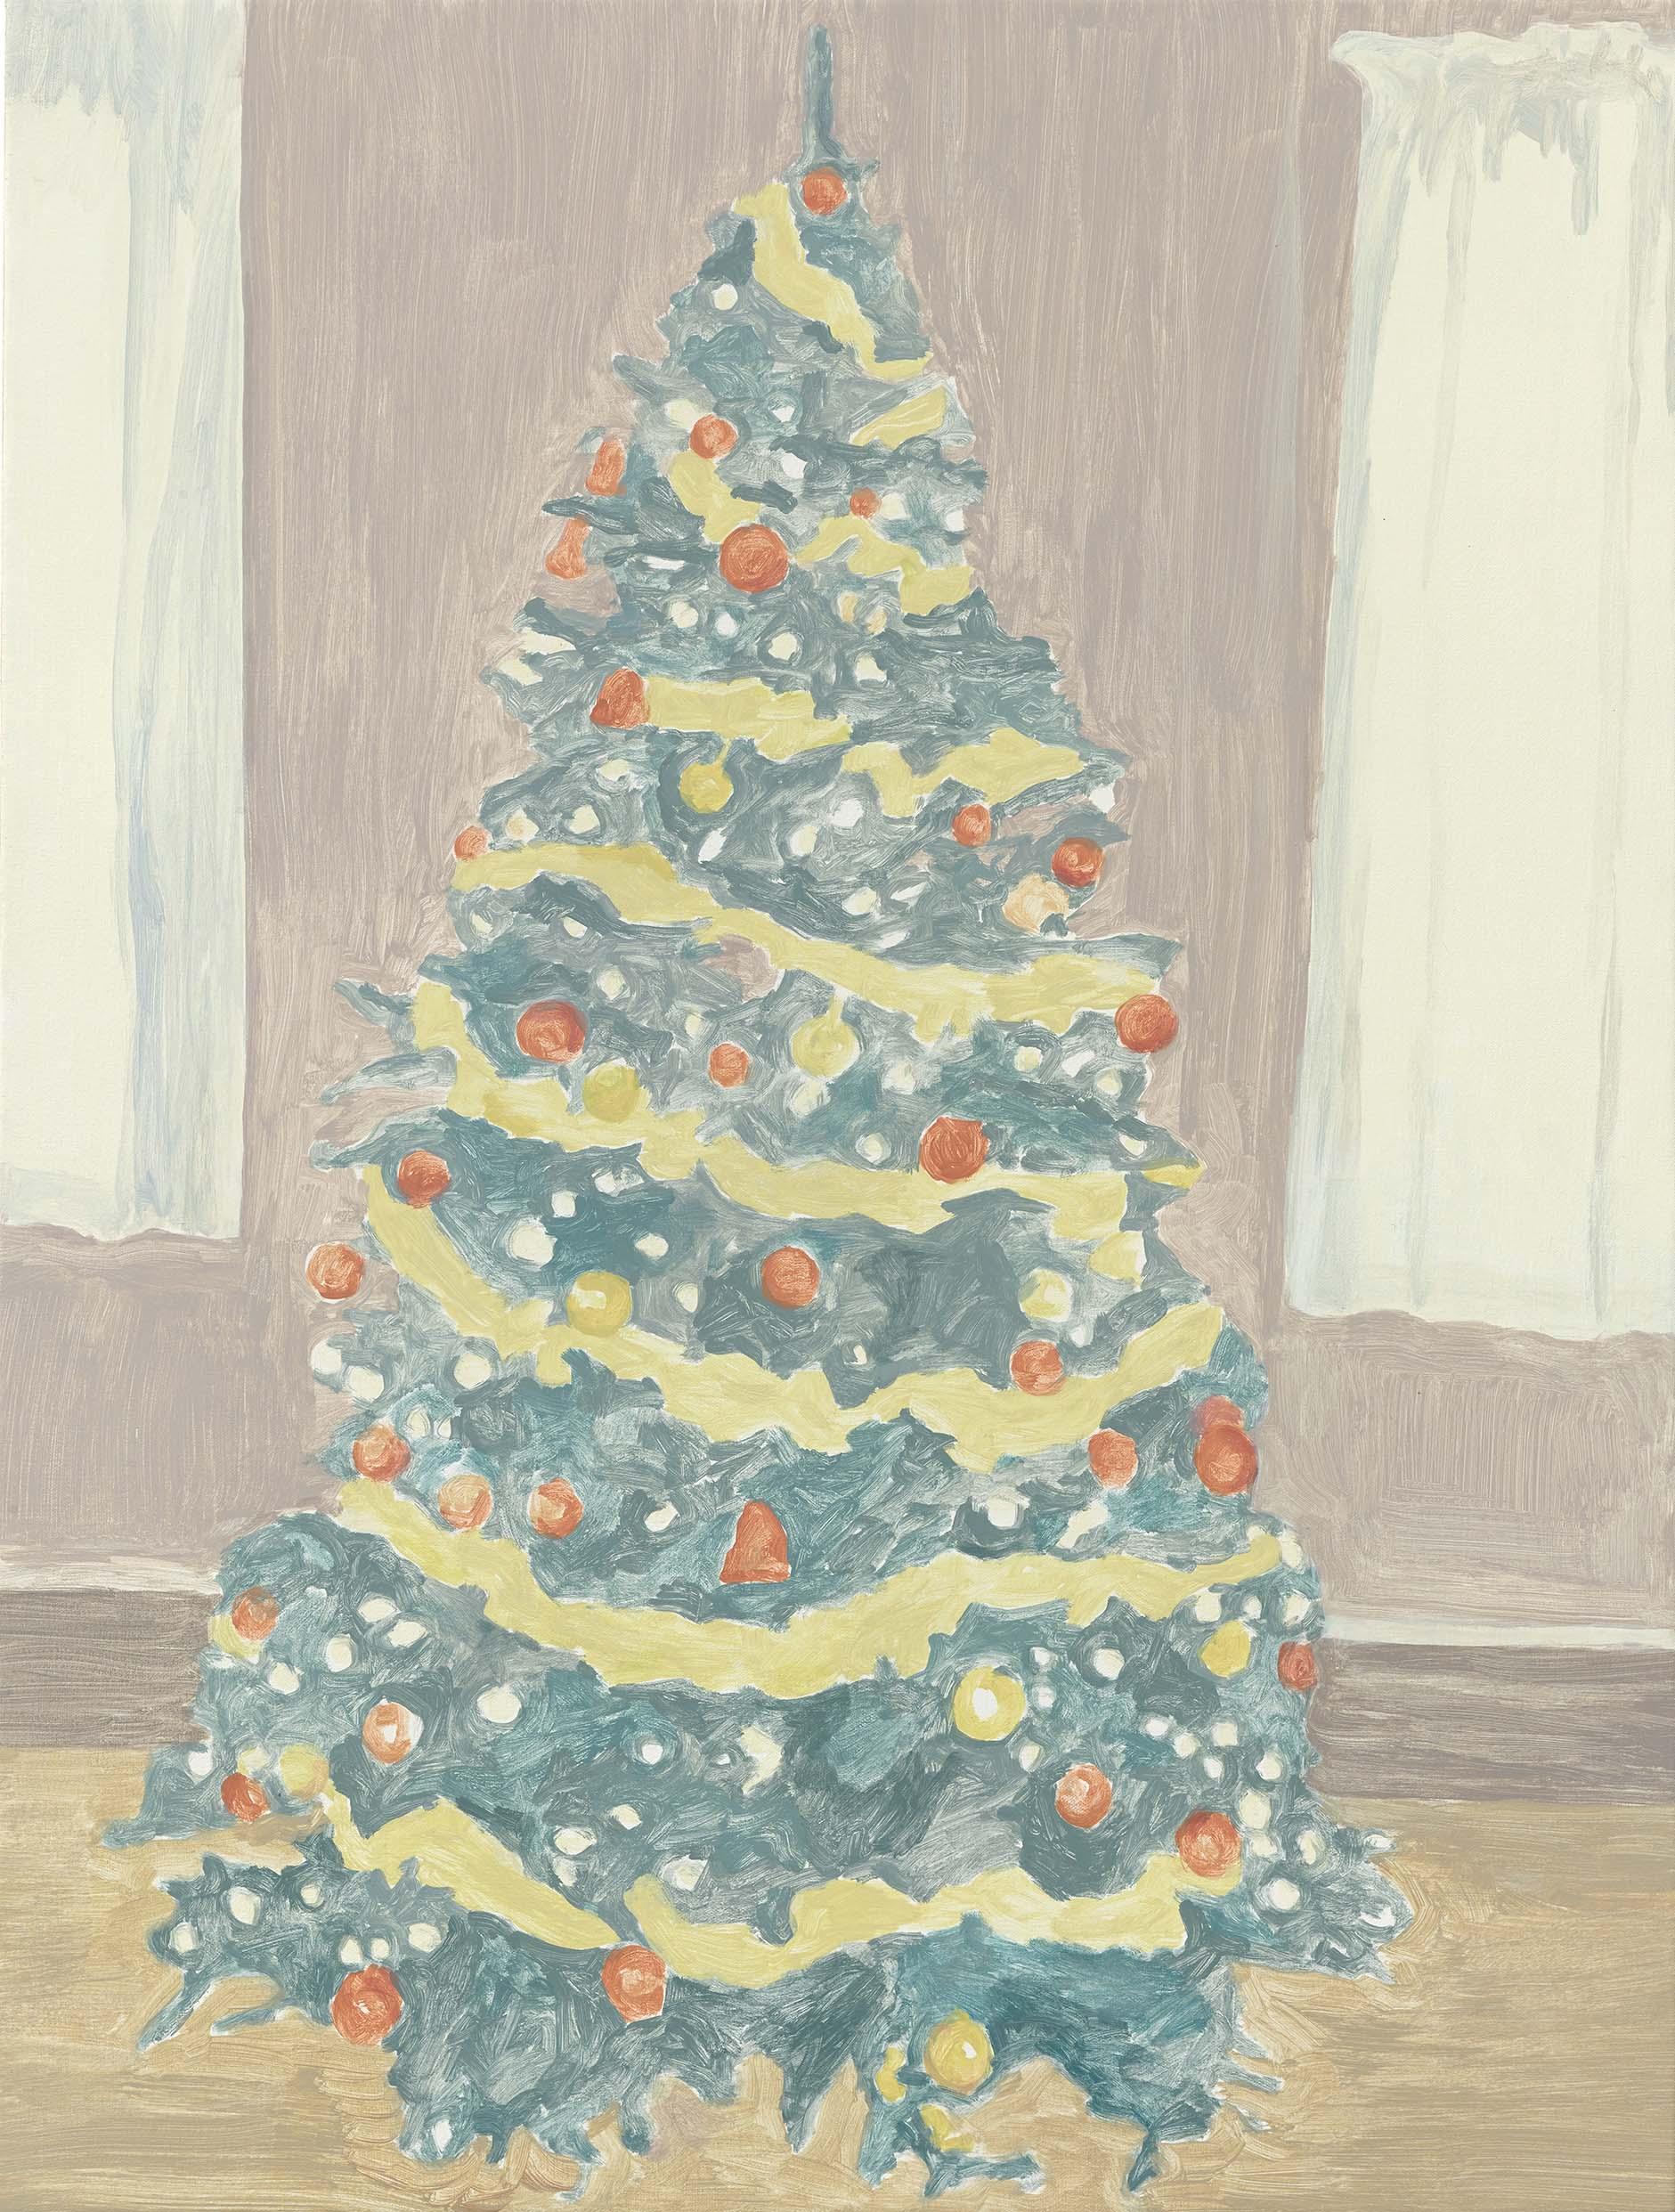 Xmas Tree 1, acrylic on canvas, 32 x 24.25 inches, 2014.